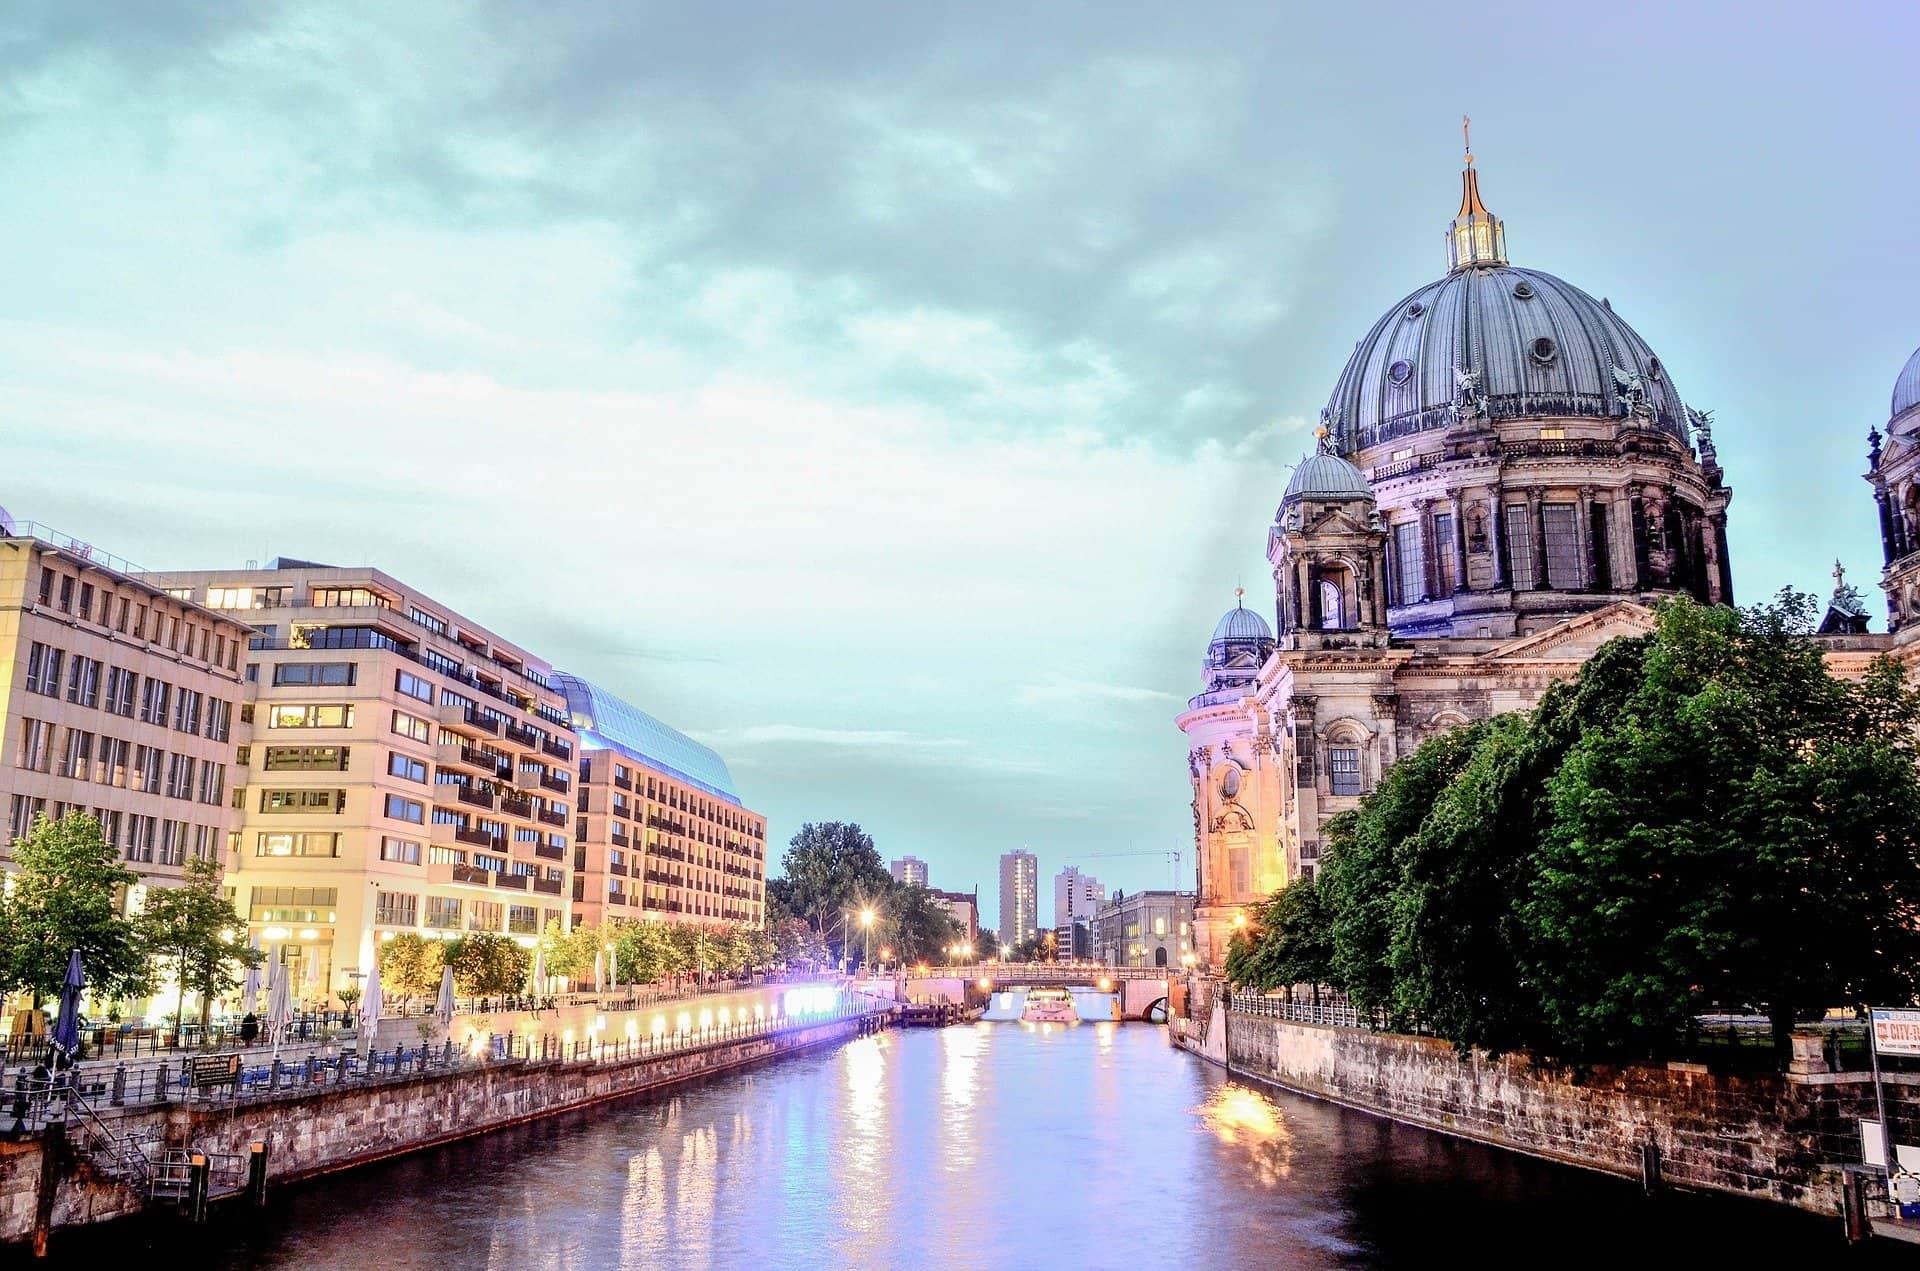 Berlin Städtereise - ab 17,50€ die Nacht 4 Sterne Hotel